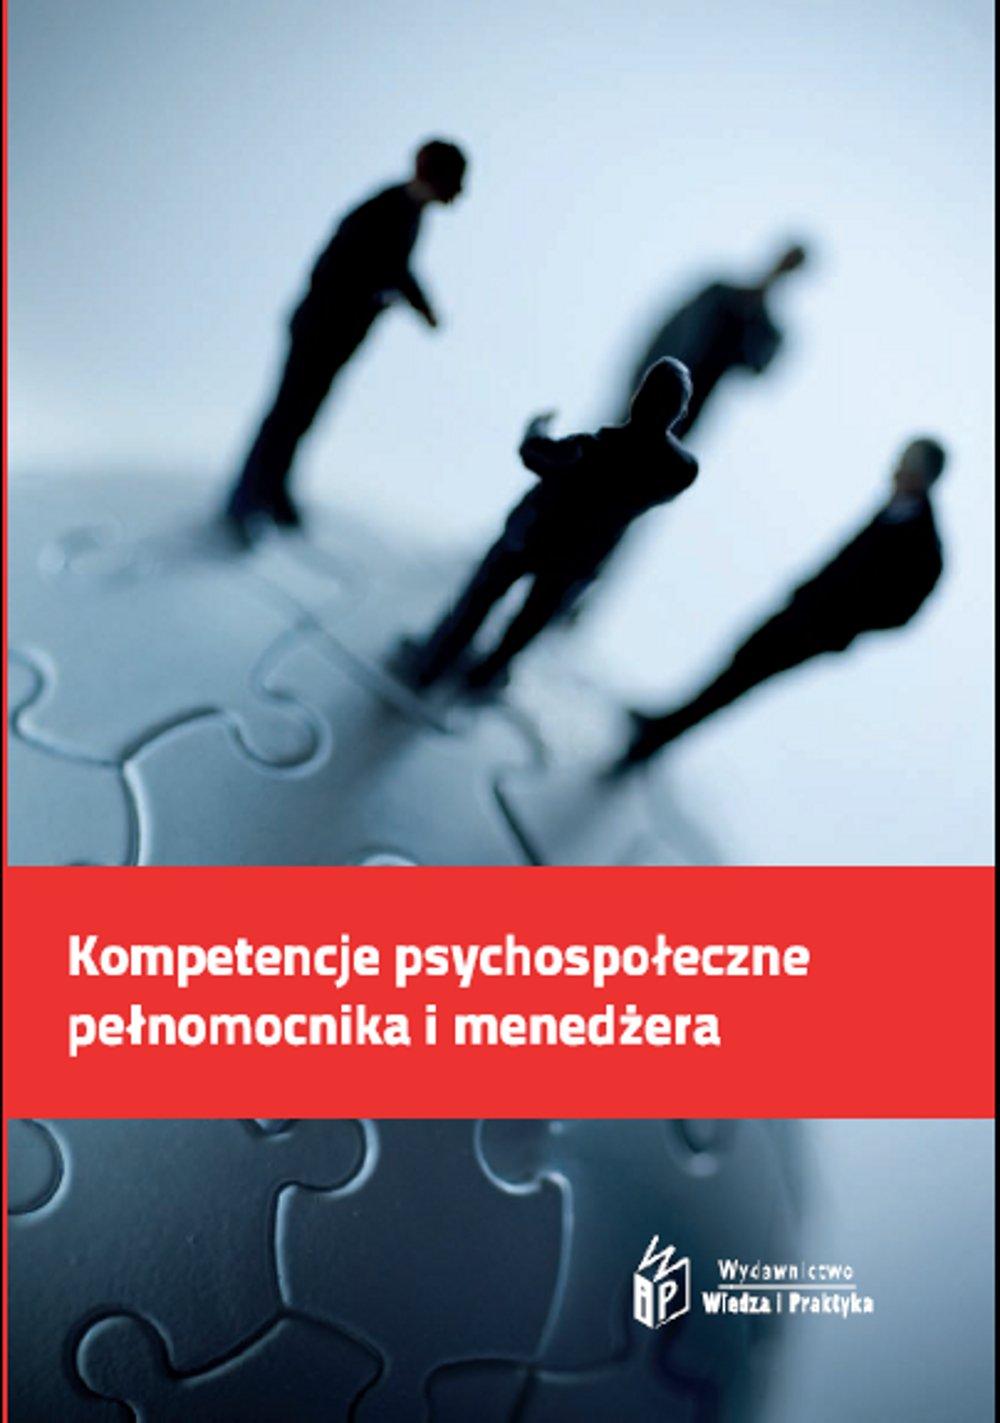 Kompetencje psychospołeczne pełnomocnika i menedżera - Ebook (Książka PDF) do pobrania w formacie PDF